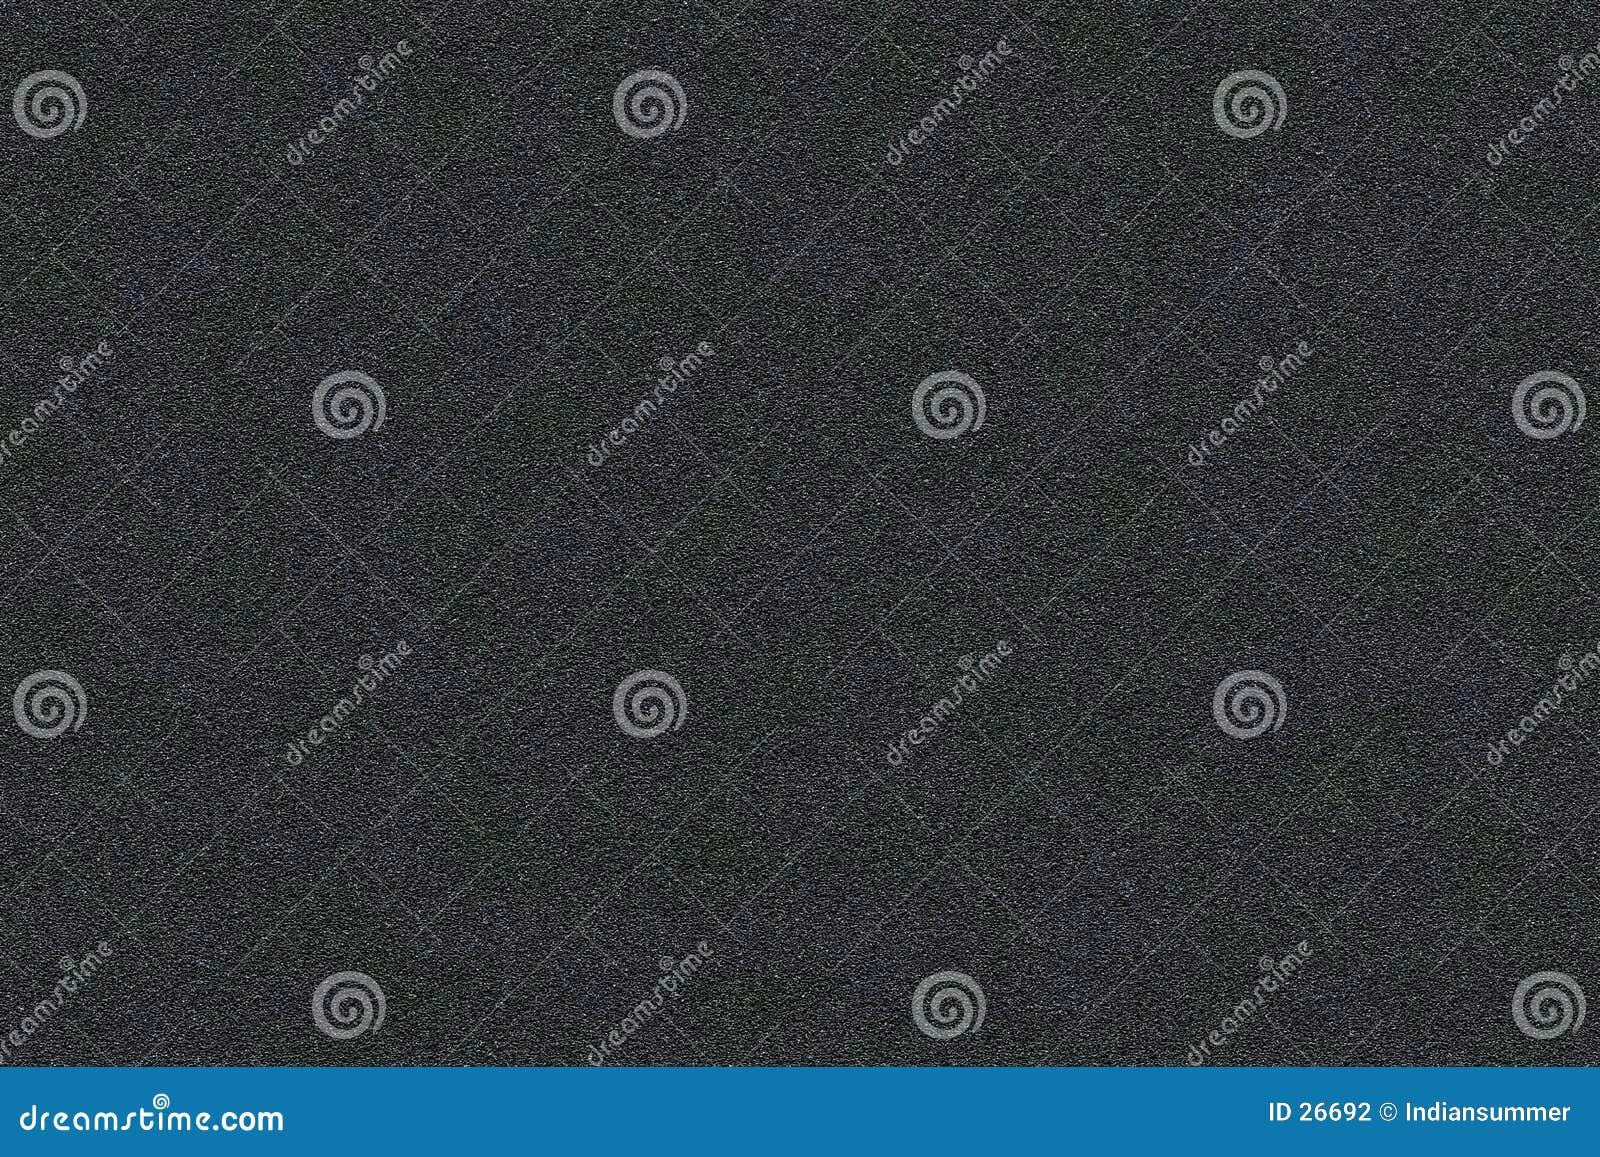 Texture - asphalt